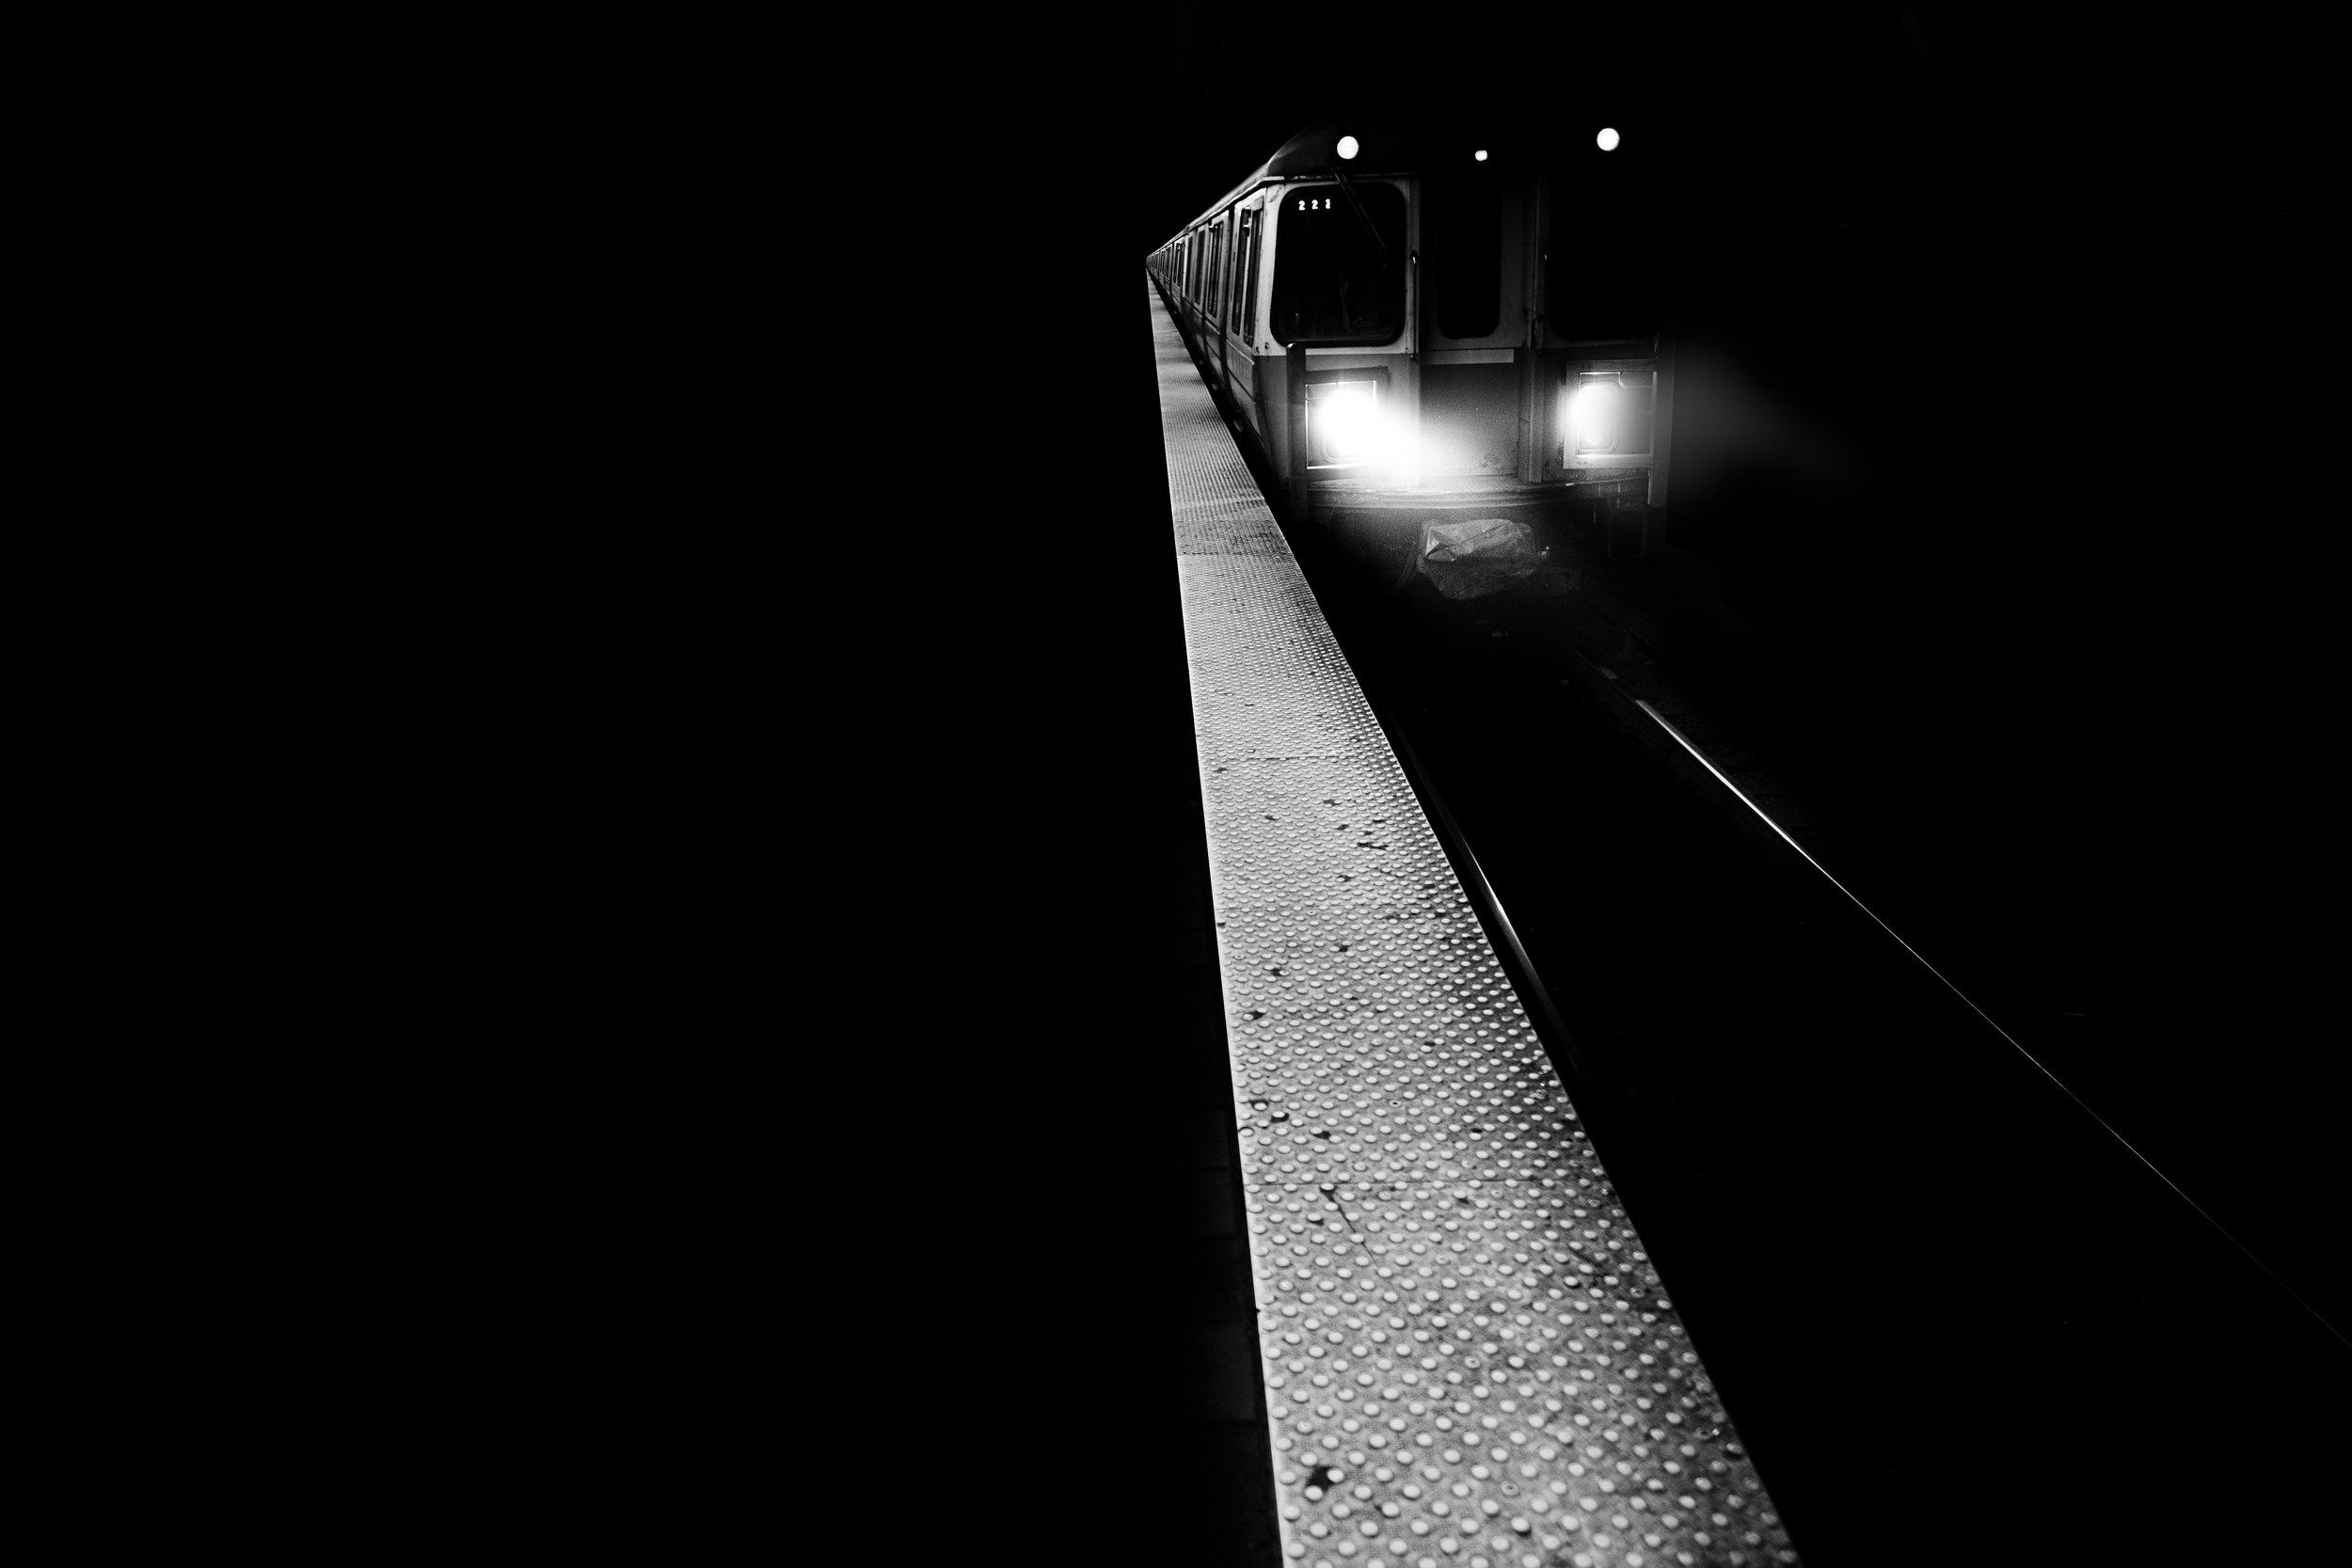 Foto por  Osman Rana  en  Unsplash